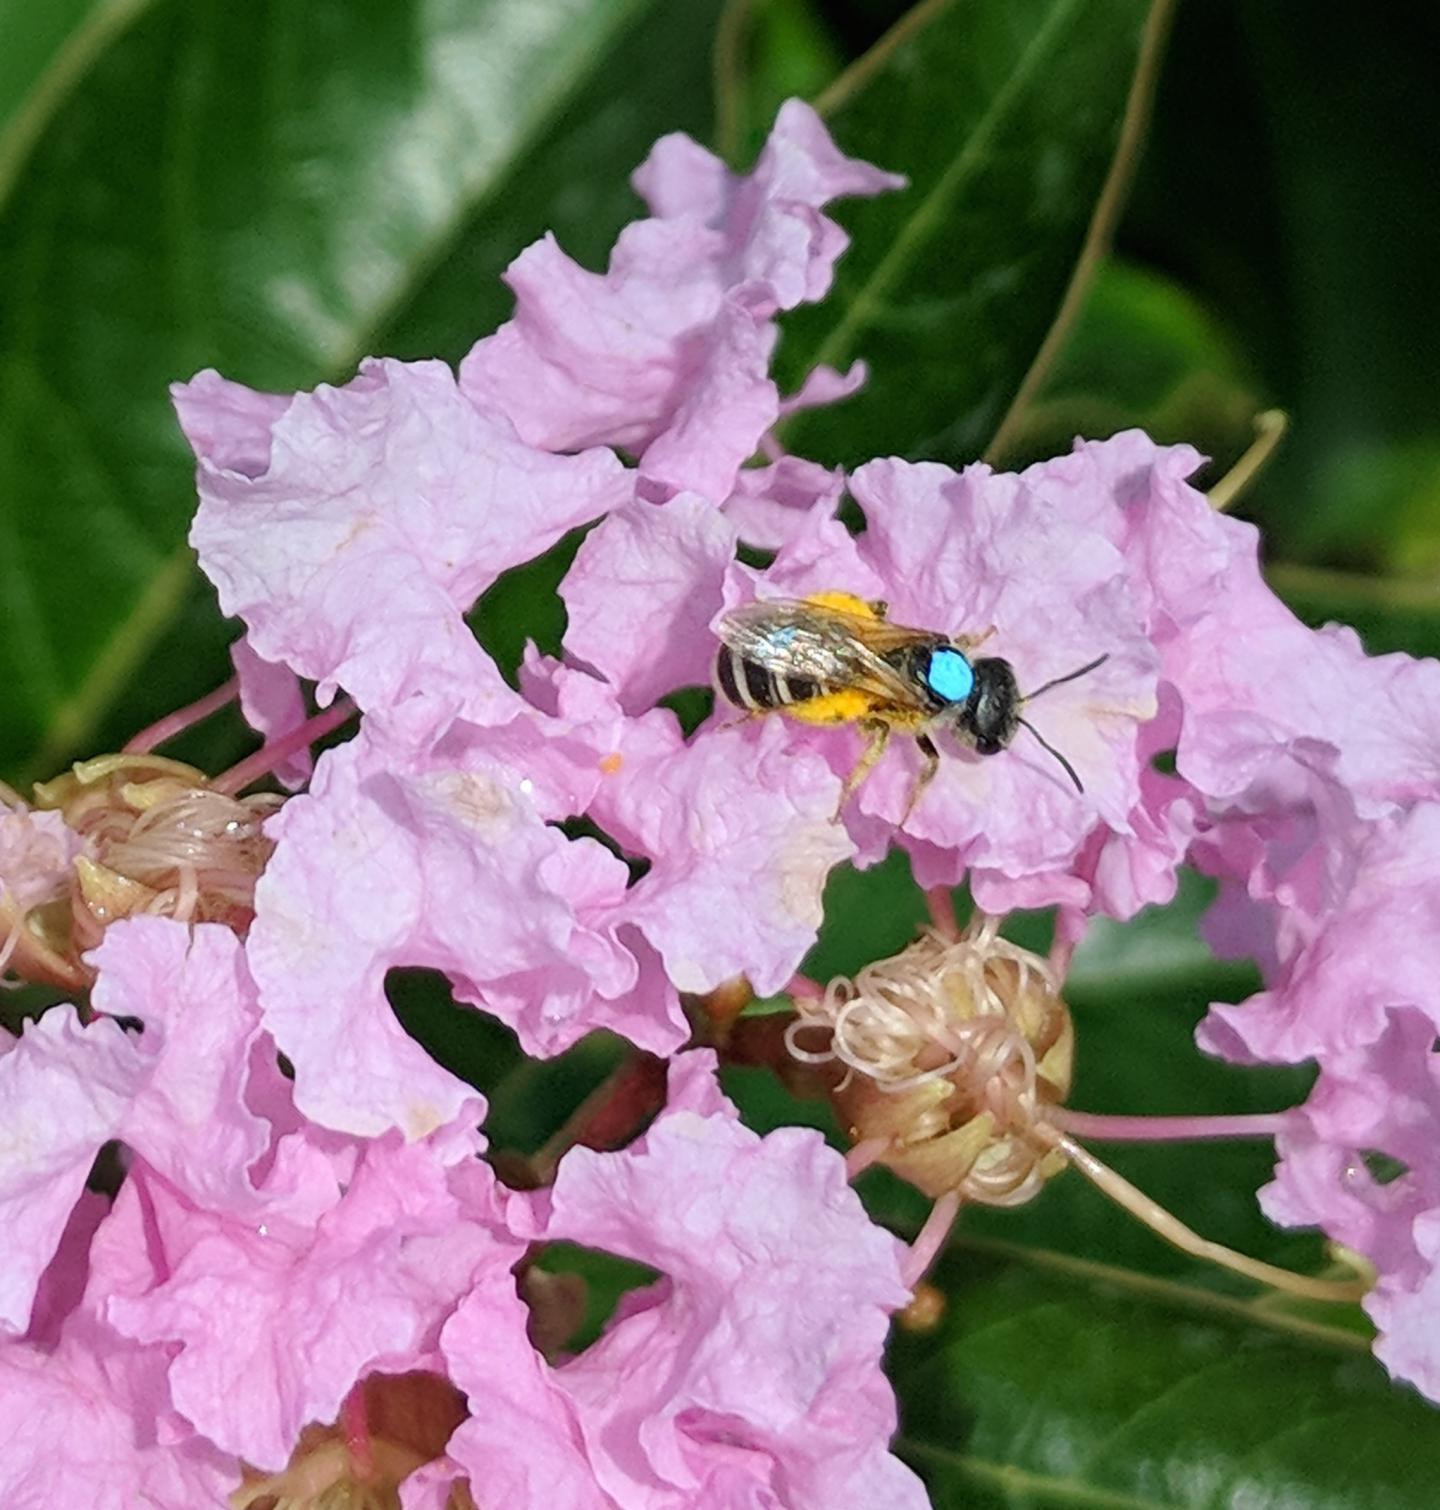 Sweat Bee on Flower